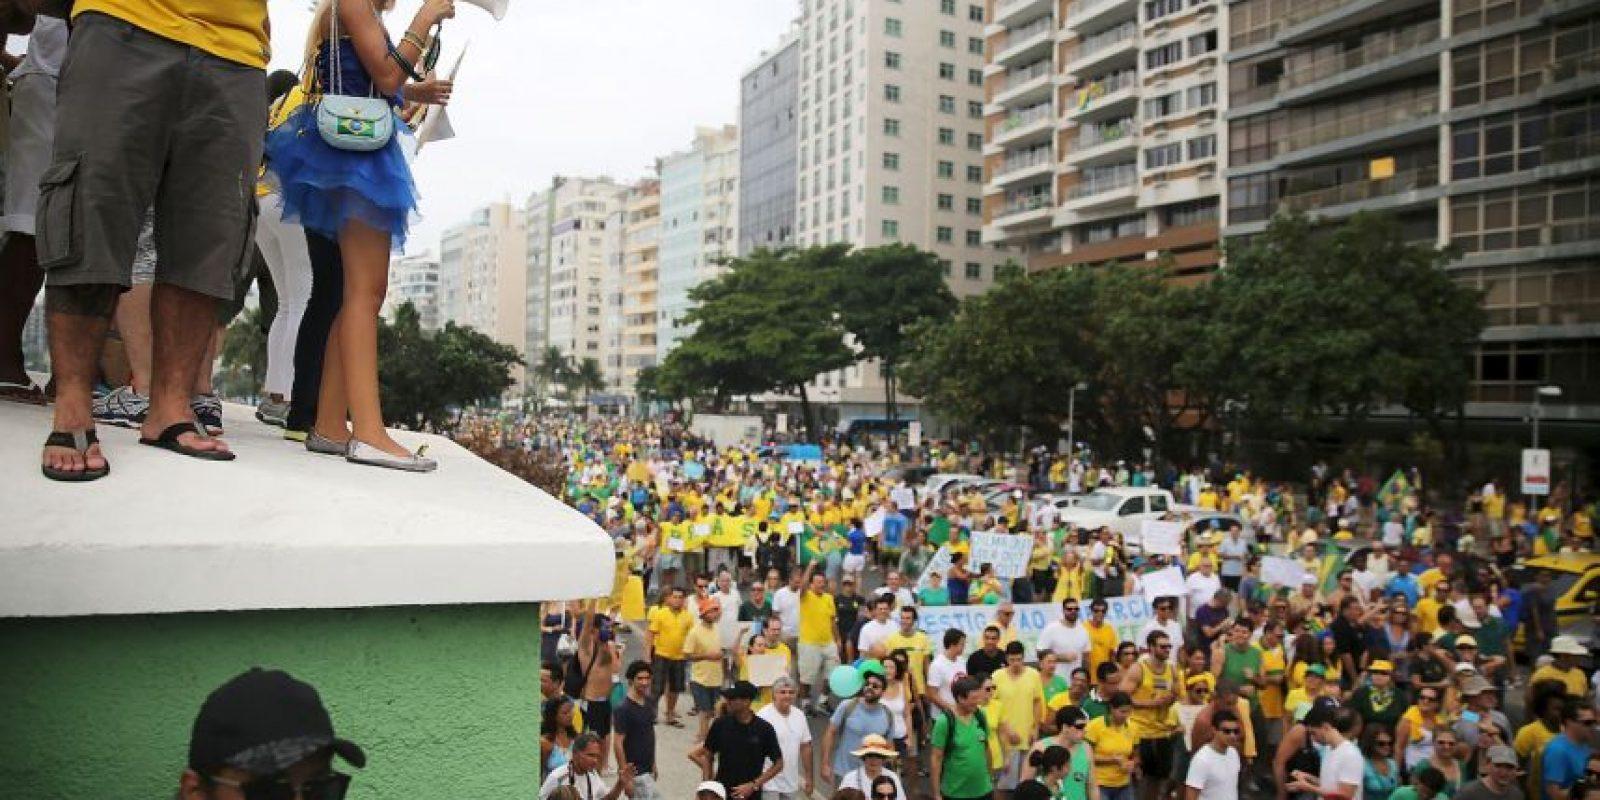 El Datafolha estima que 210.000 personas asistieron al evento Foto:Getty Images